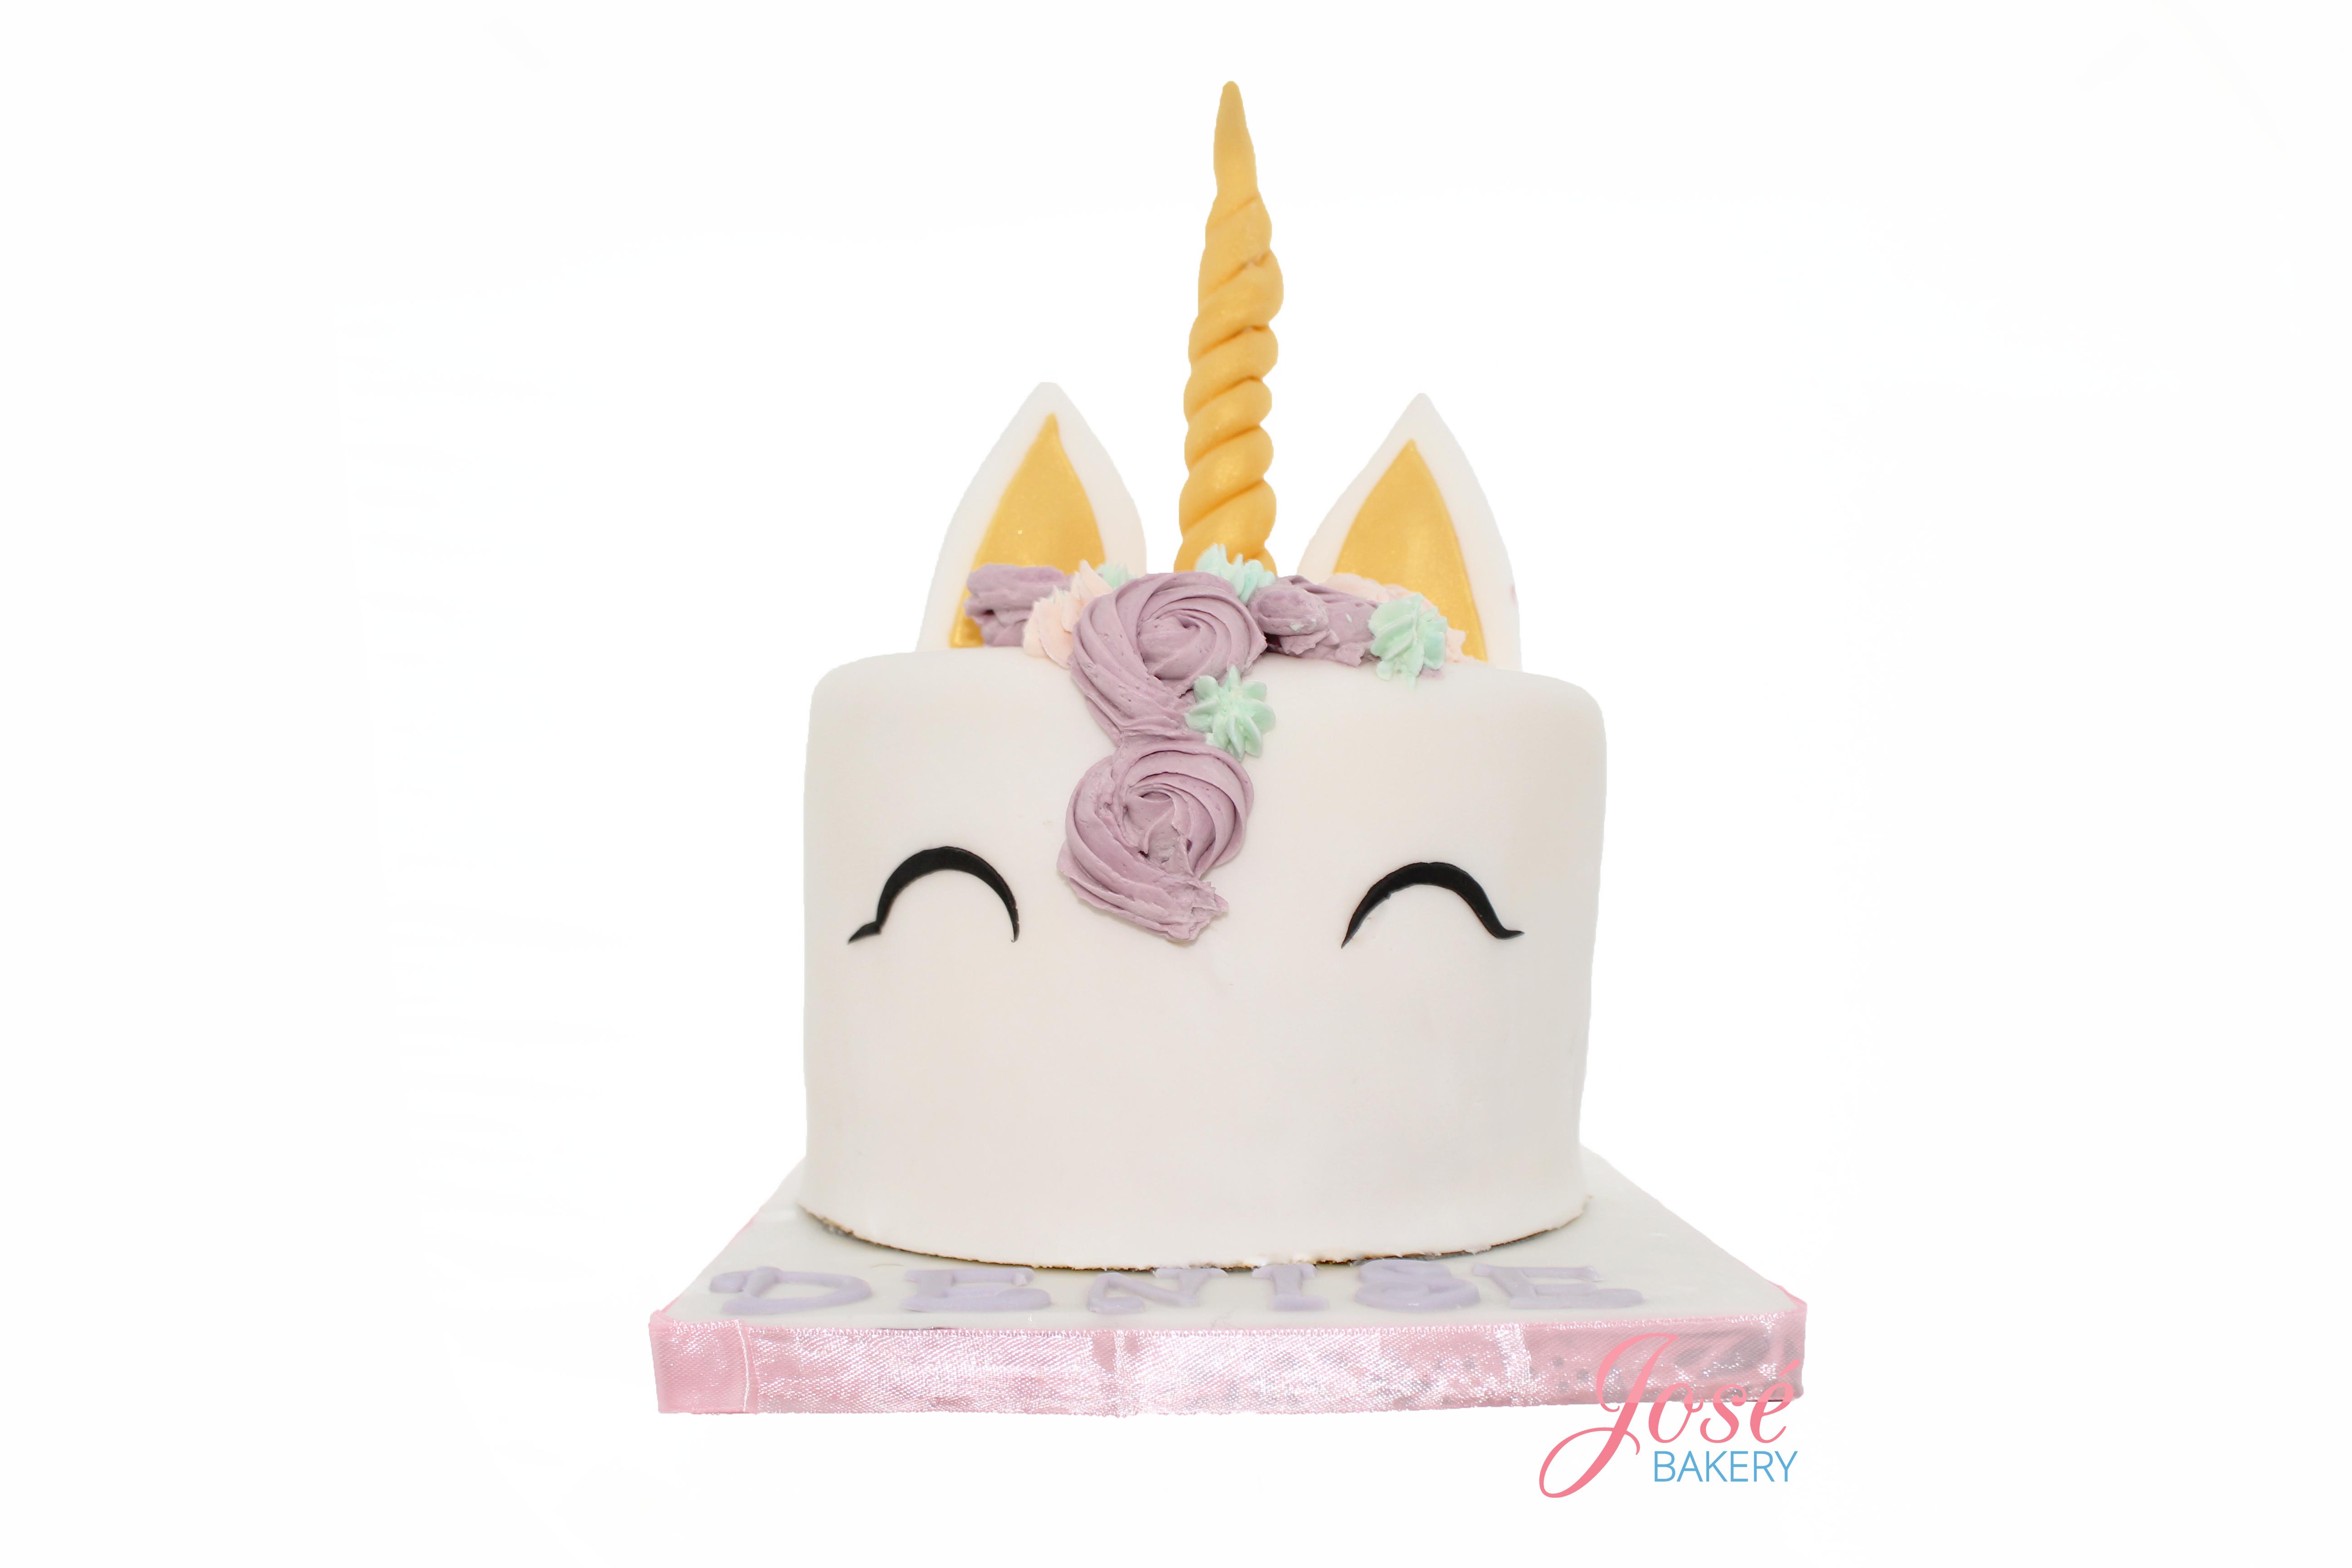 taart sturen Eenhoorn taart bestellen vanaf 10 personen | Jose bakery taart sturen